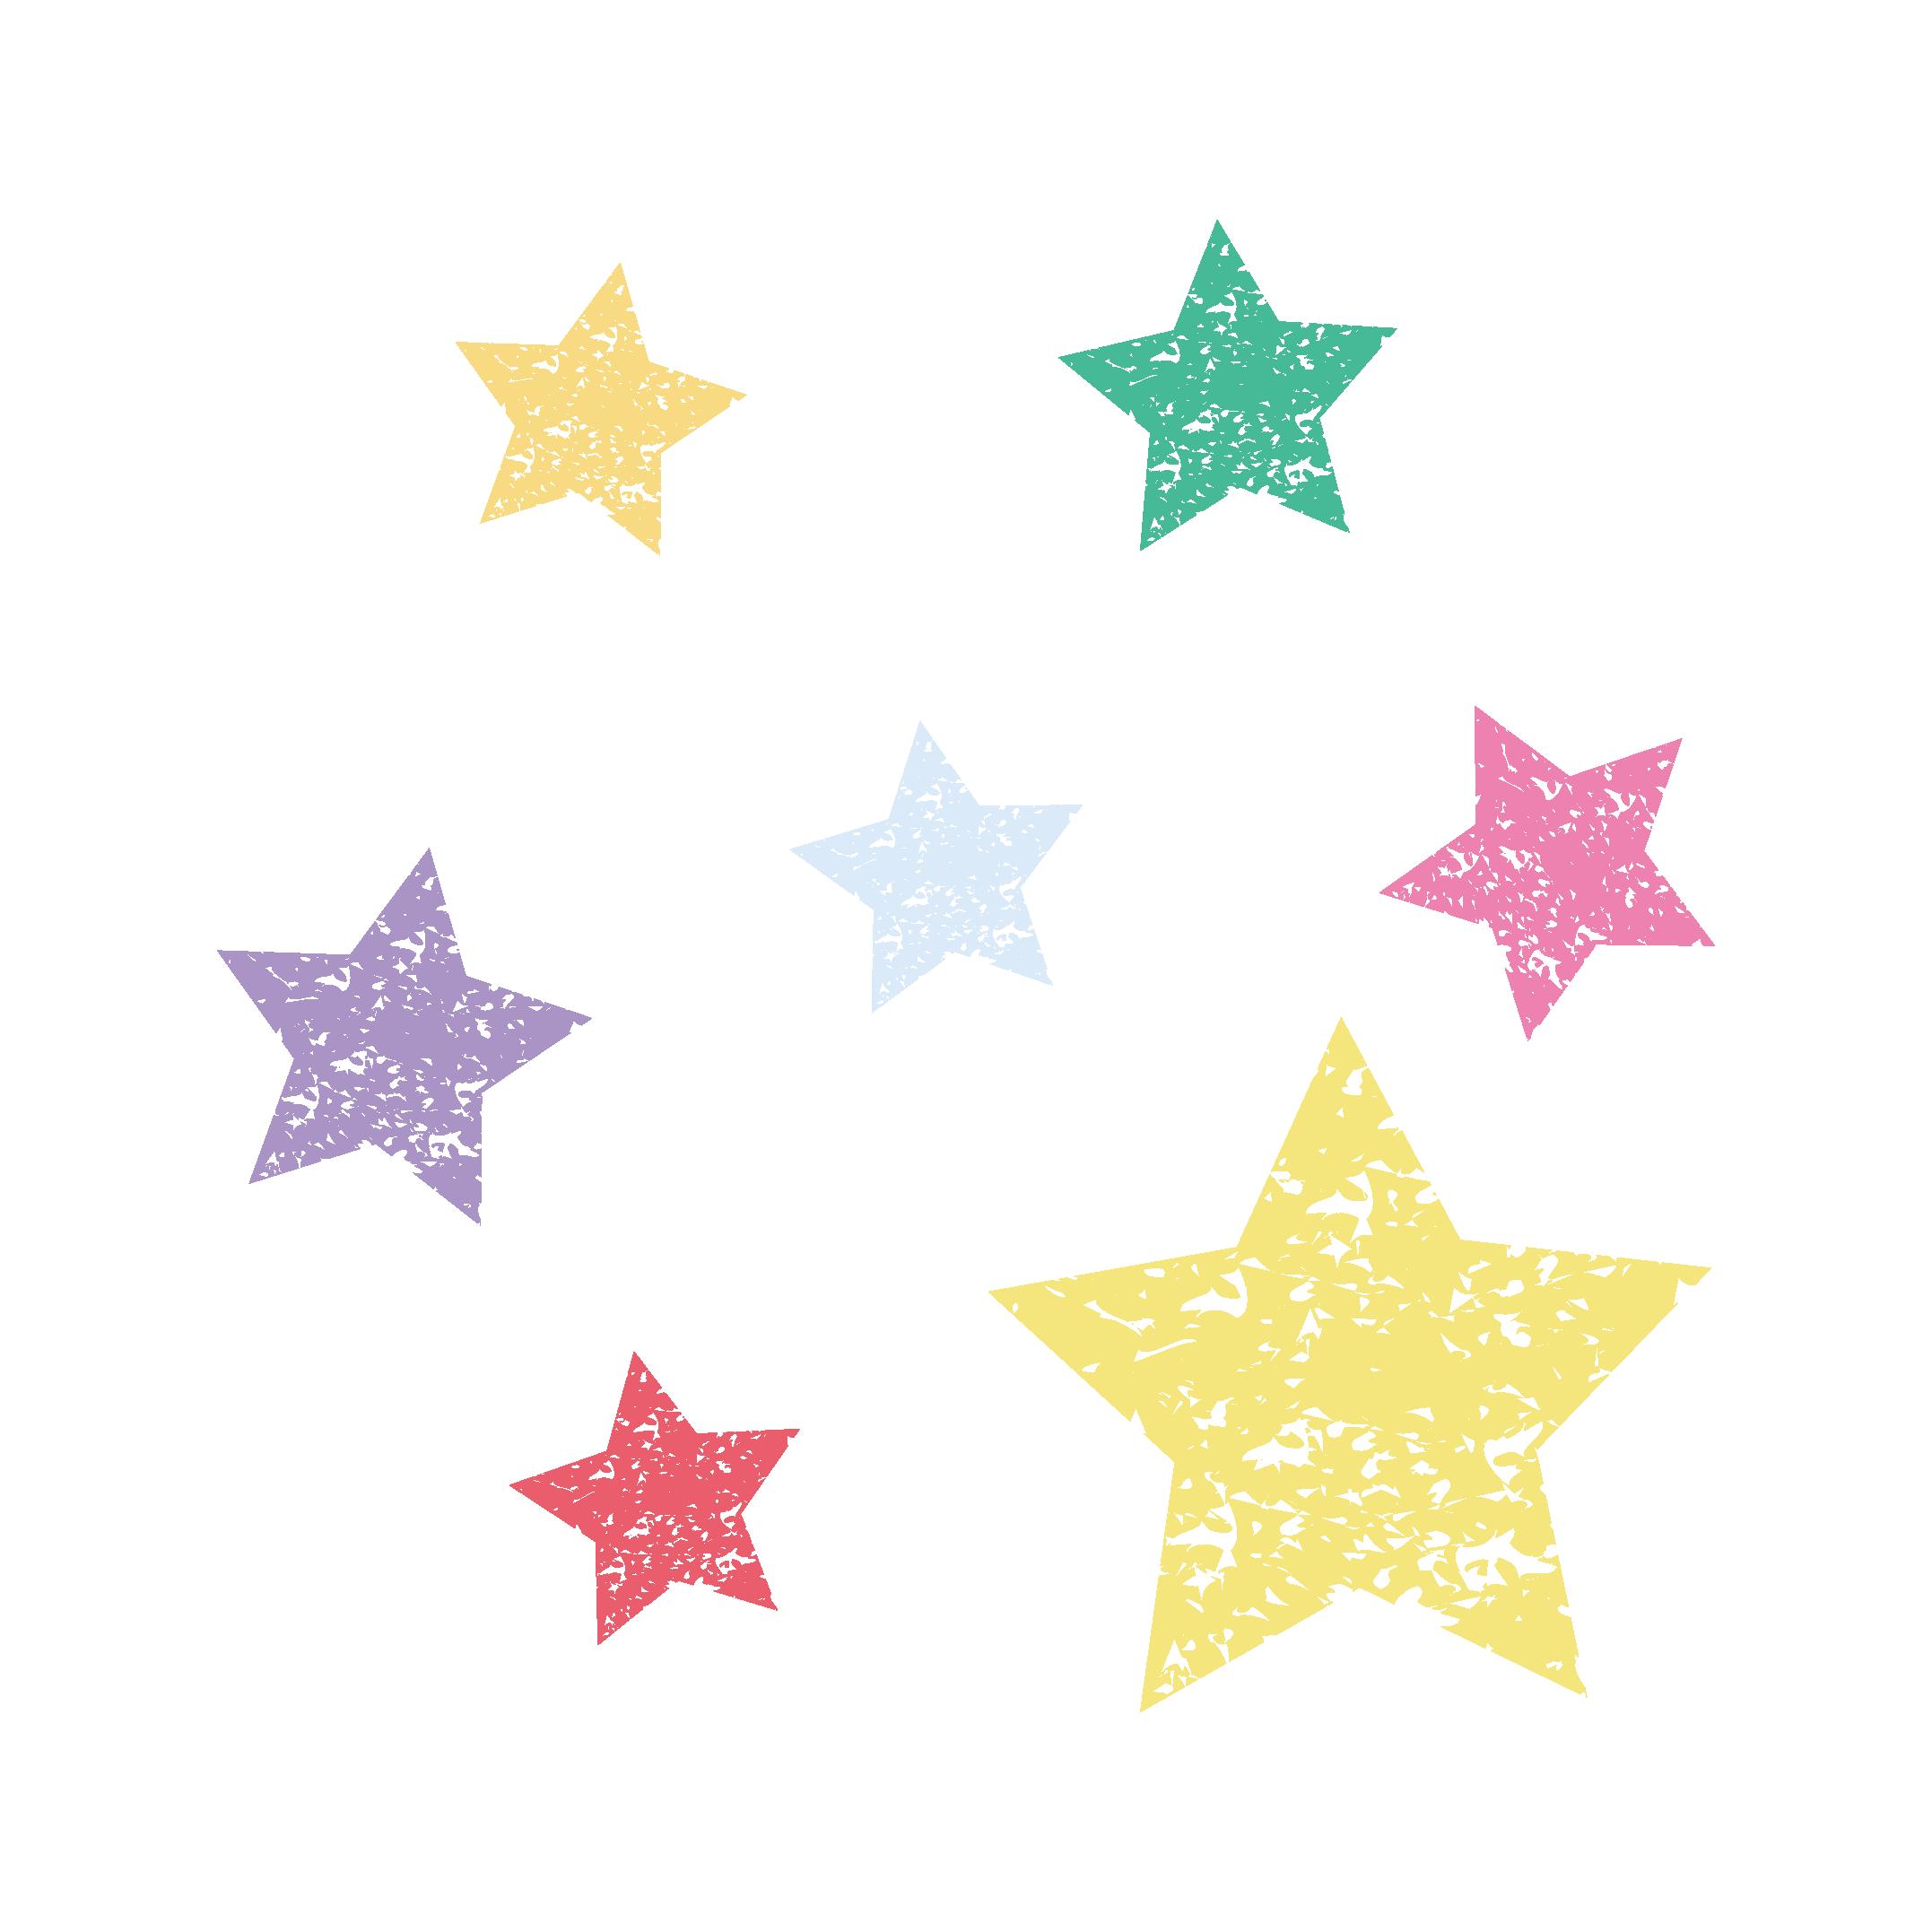 星(スター)のスタンプ フリー イラスト